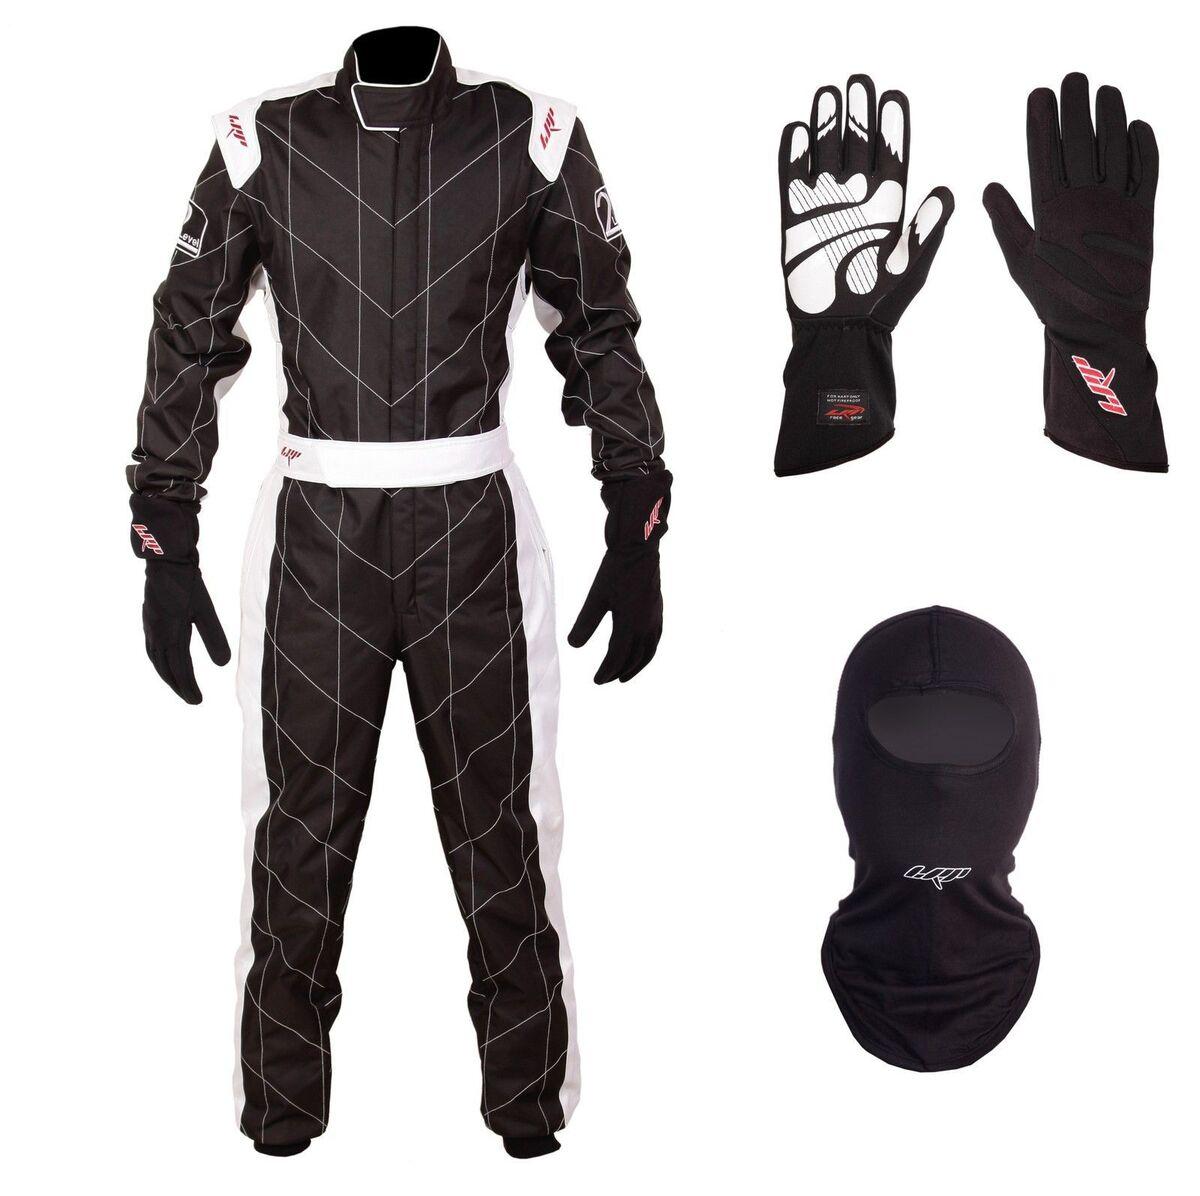 LRP racewear